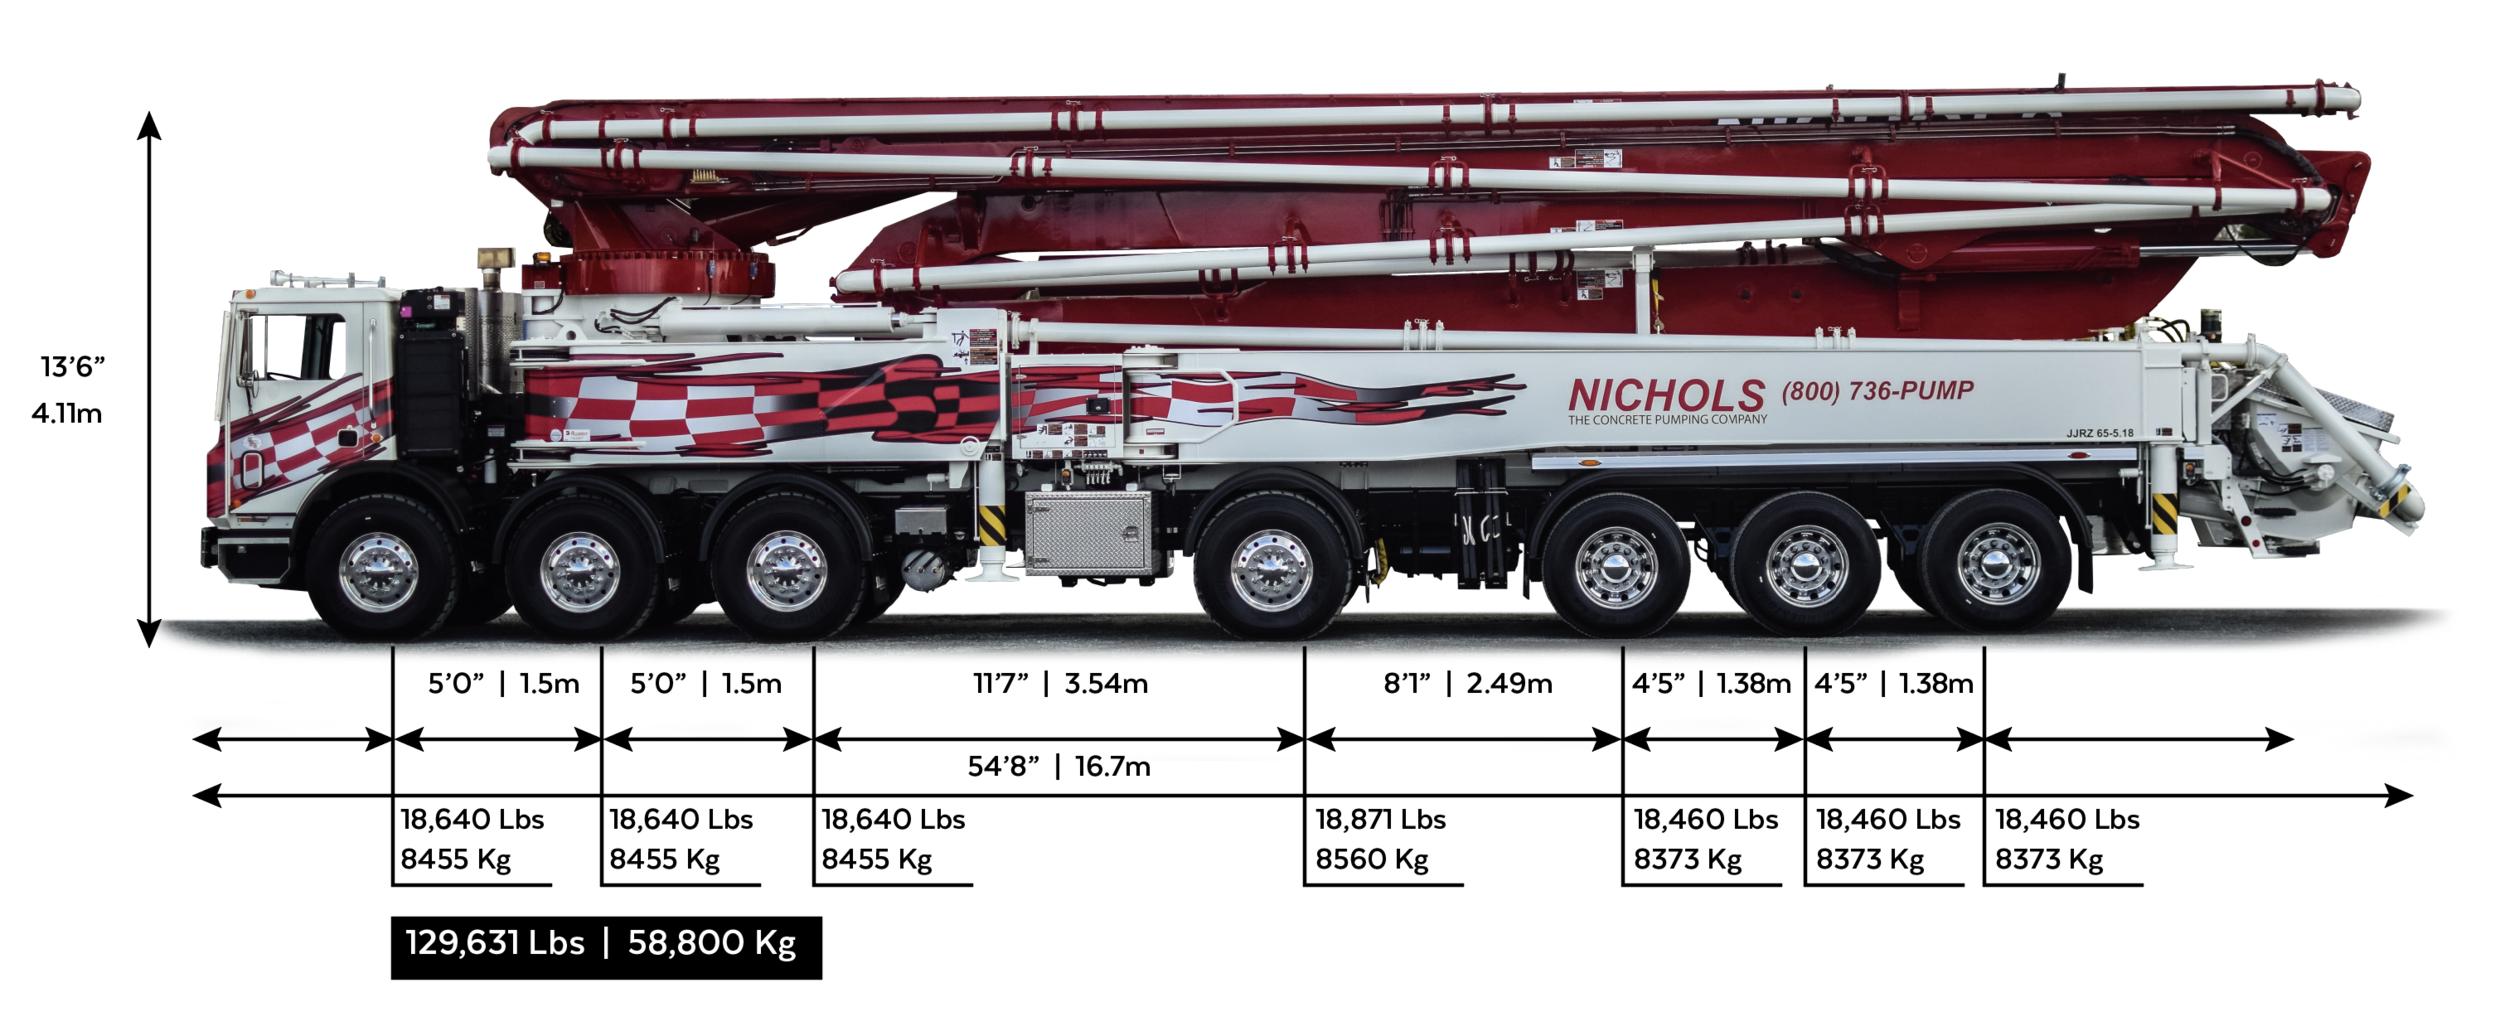 65m-nichols truck.png